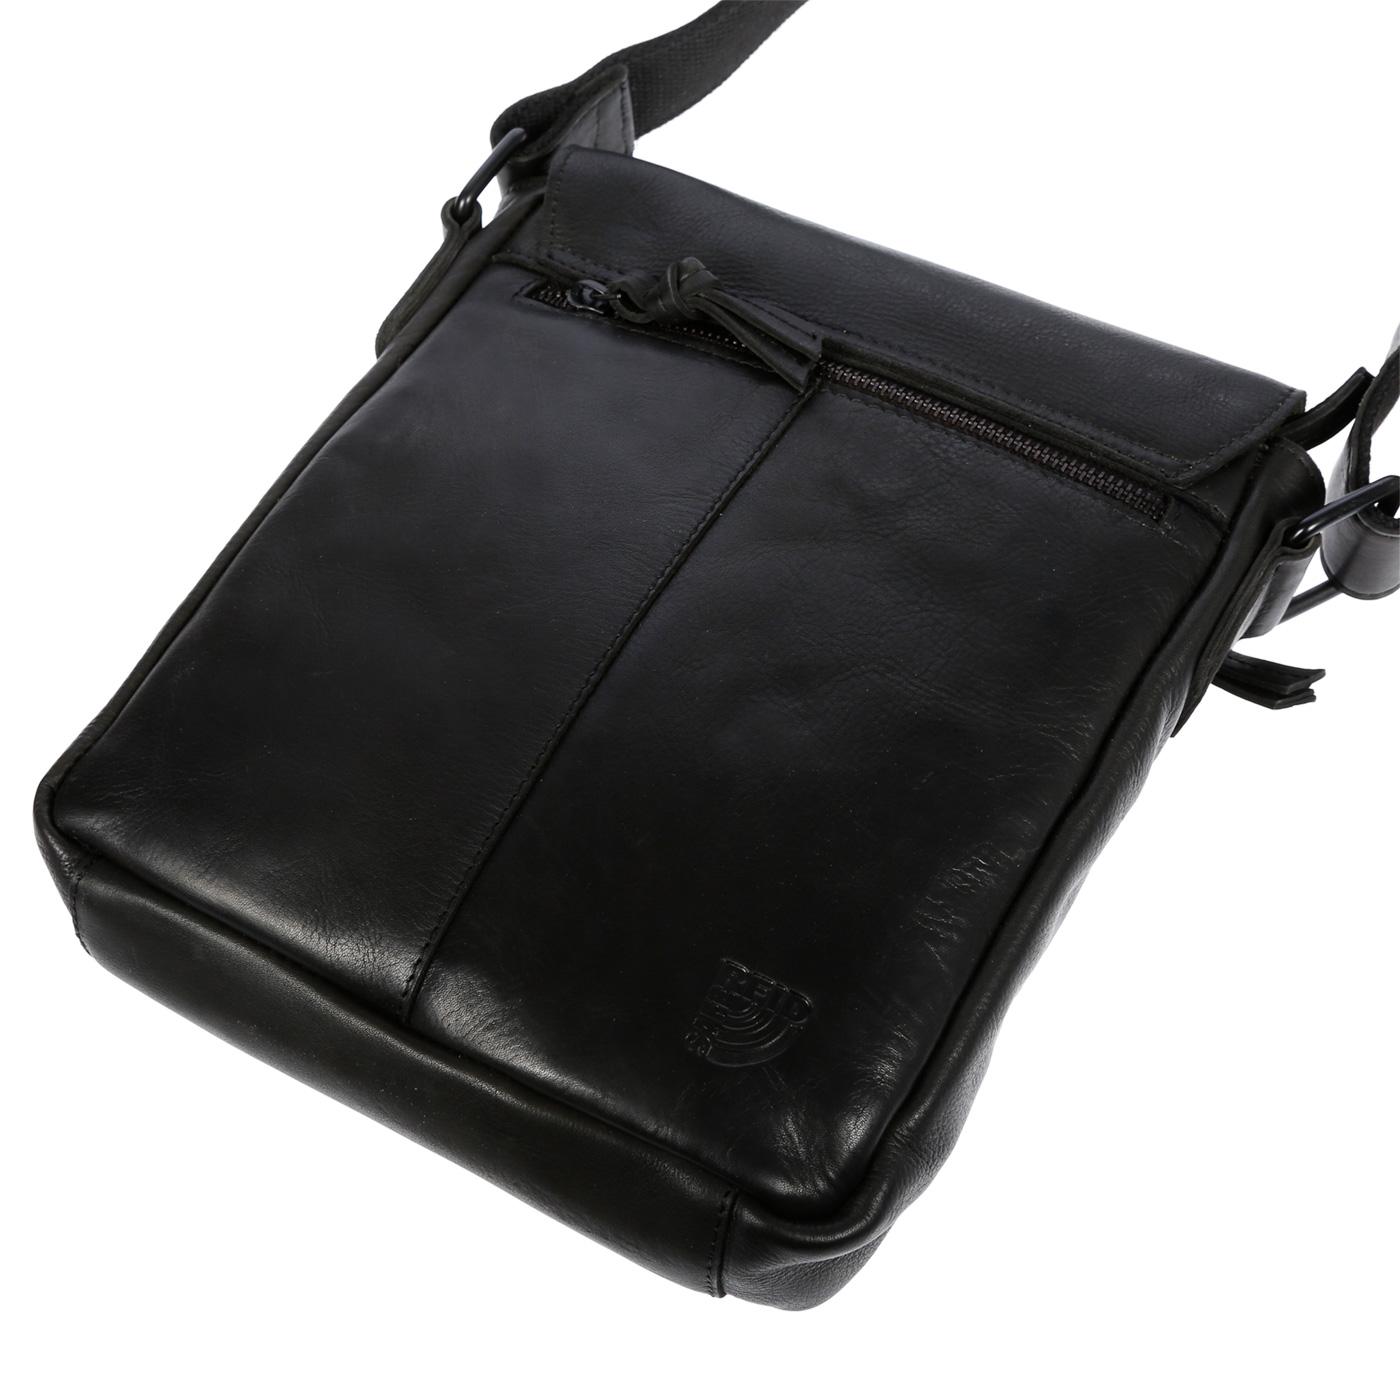 Echt-Leder-Herren-Damen-Umhaengetasche-Tasche-RFID-Schutz-Schultertasche-Umhaenger Indexbild 19